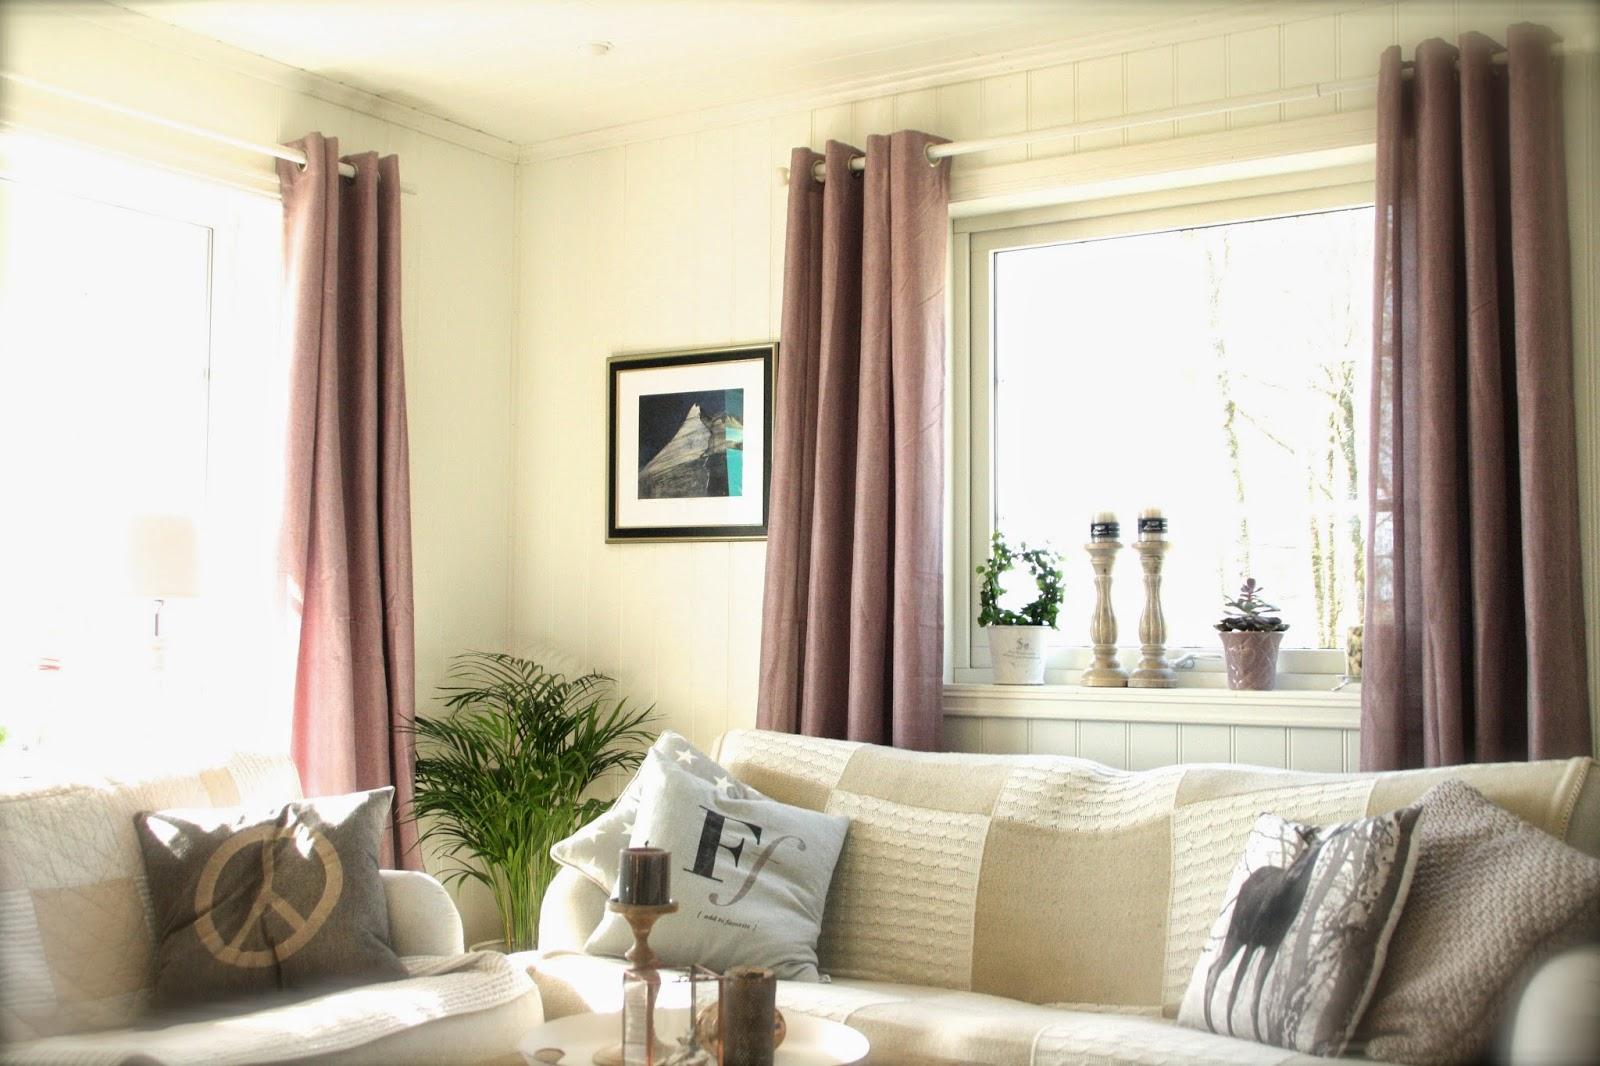 nye gardiner Villa Fagerbakken: Nye gardiner i TV stuen nye gardiner